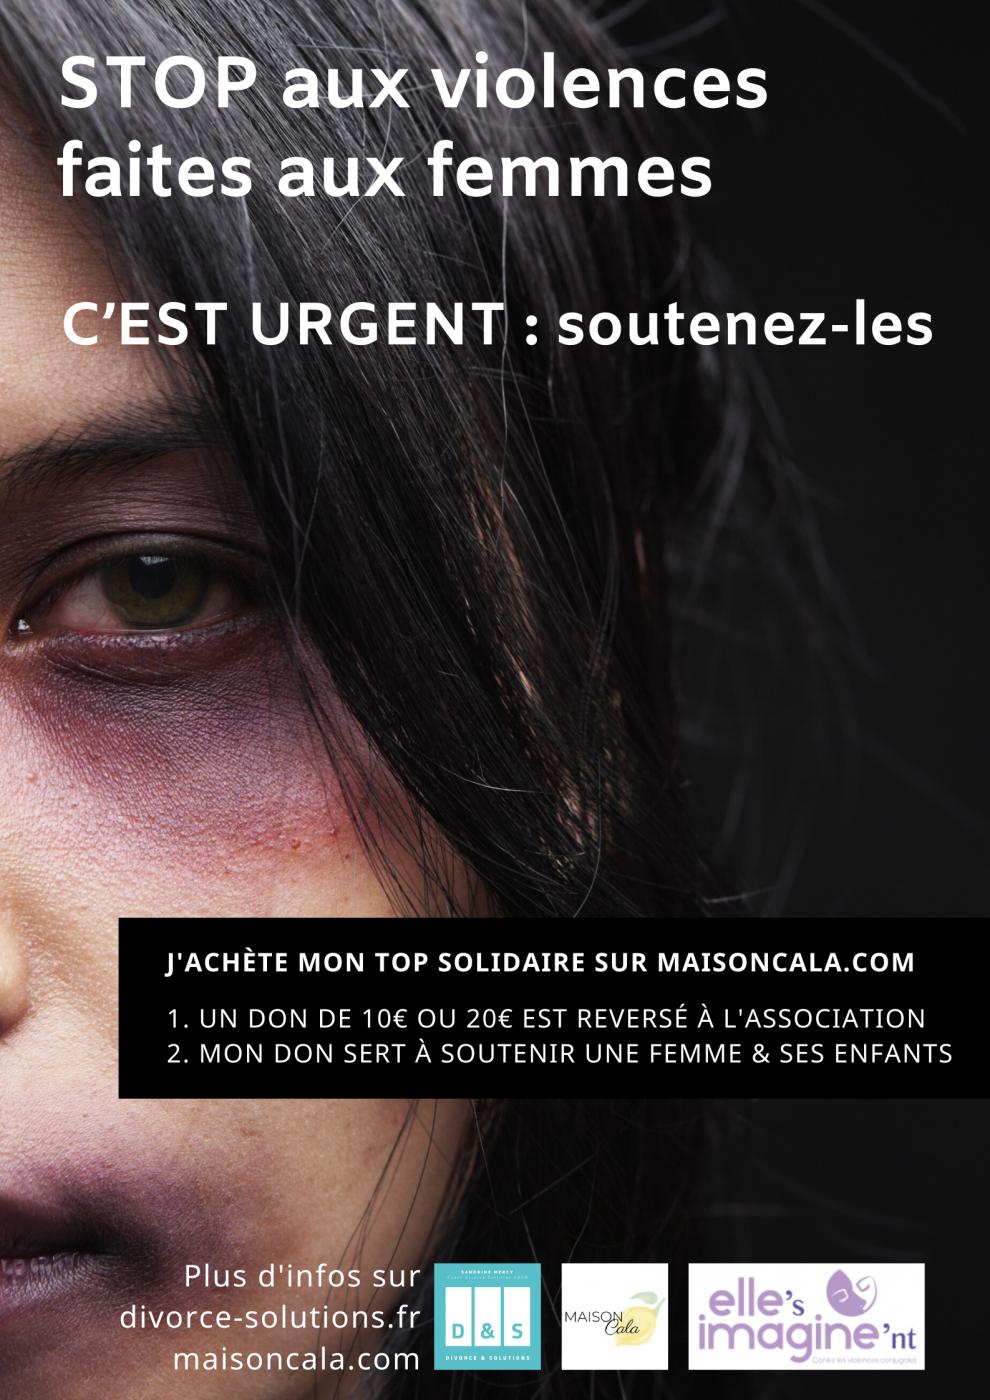 STOP aux violences faites aux femmes C'EST URGENT _ soutenez-les